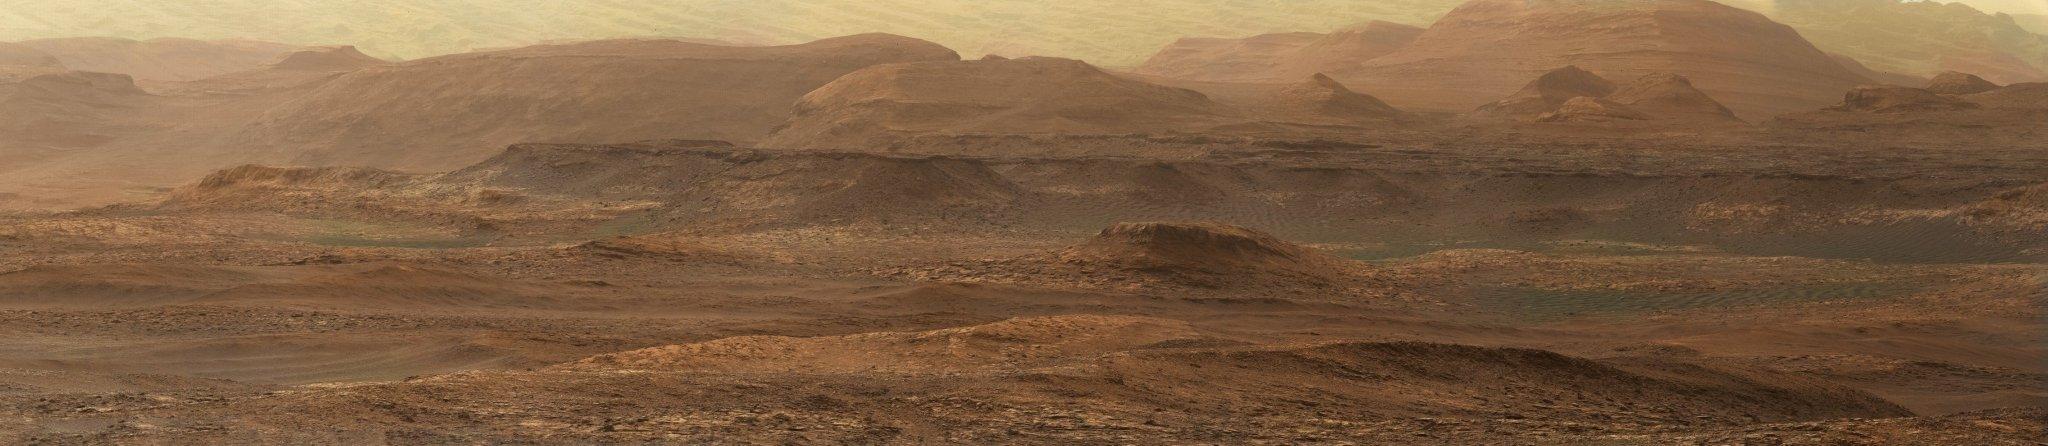 [Curiosity/MSL] L'exploration du Cratère Gale (2/2) - Page 41 Dw5ycfrWkAA9UJq